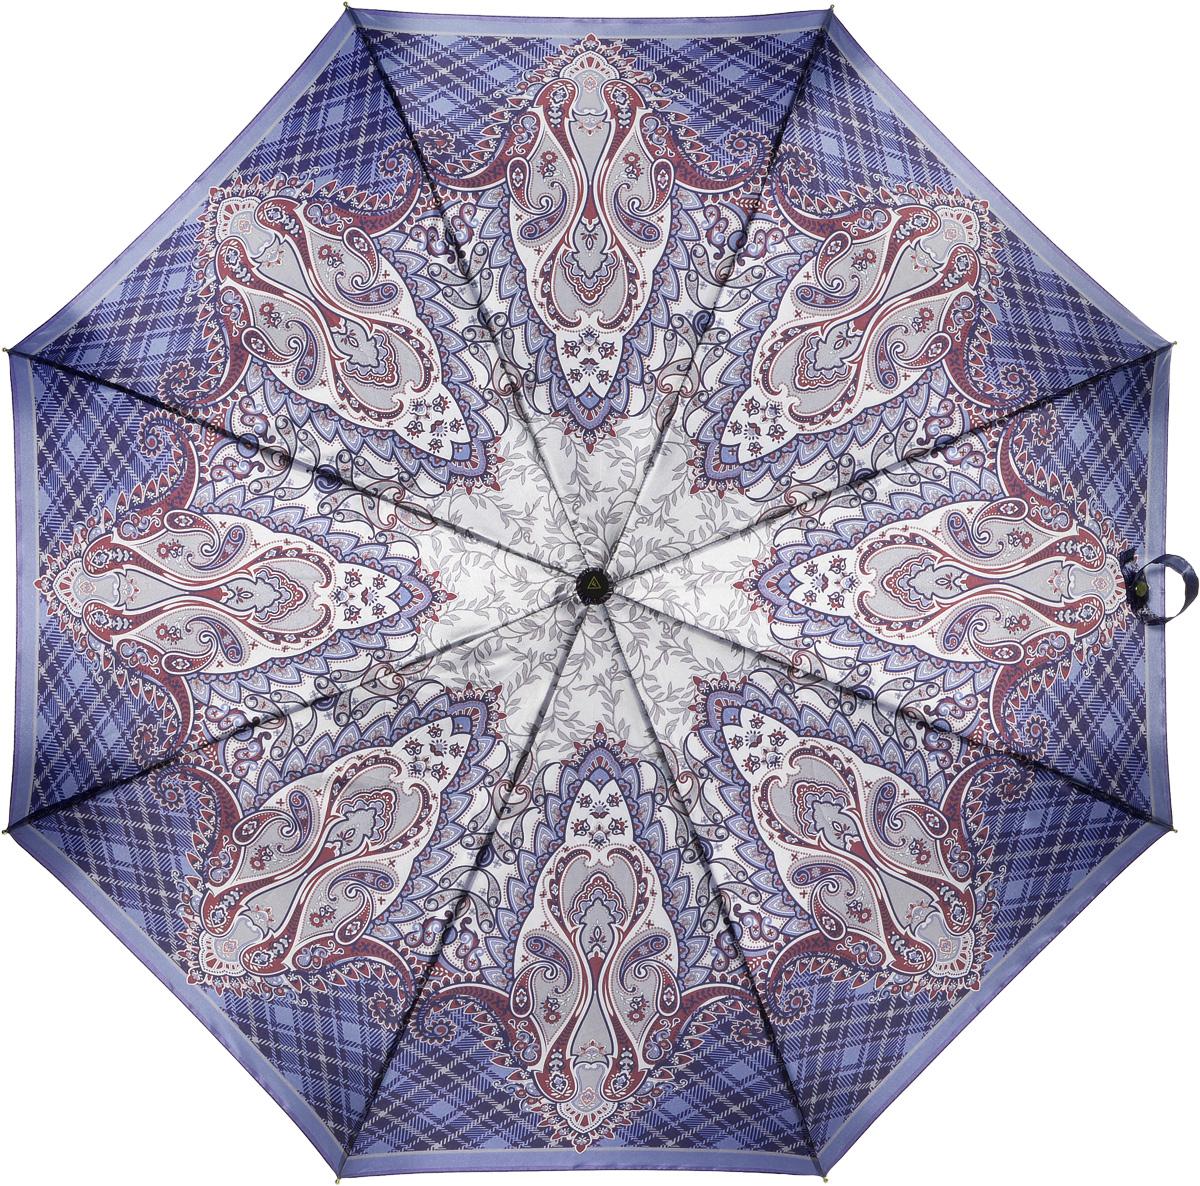 Зонт женский Fabretti, полный автомат, 3 сложения, цвет: мультиколор. S-16103-4S-16103-4Зонт женский Fabretti, суперавтомат, 3 сложения, сатин